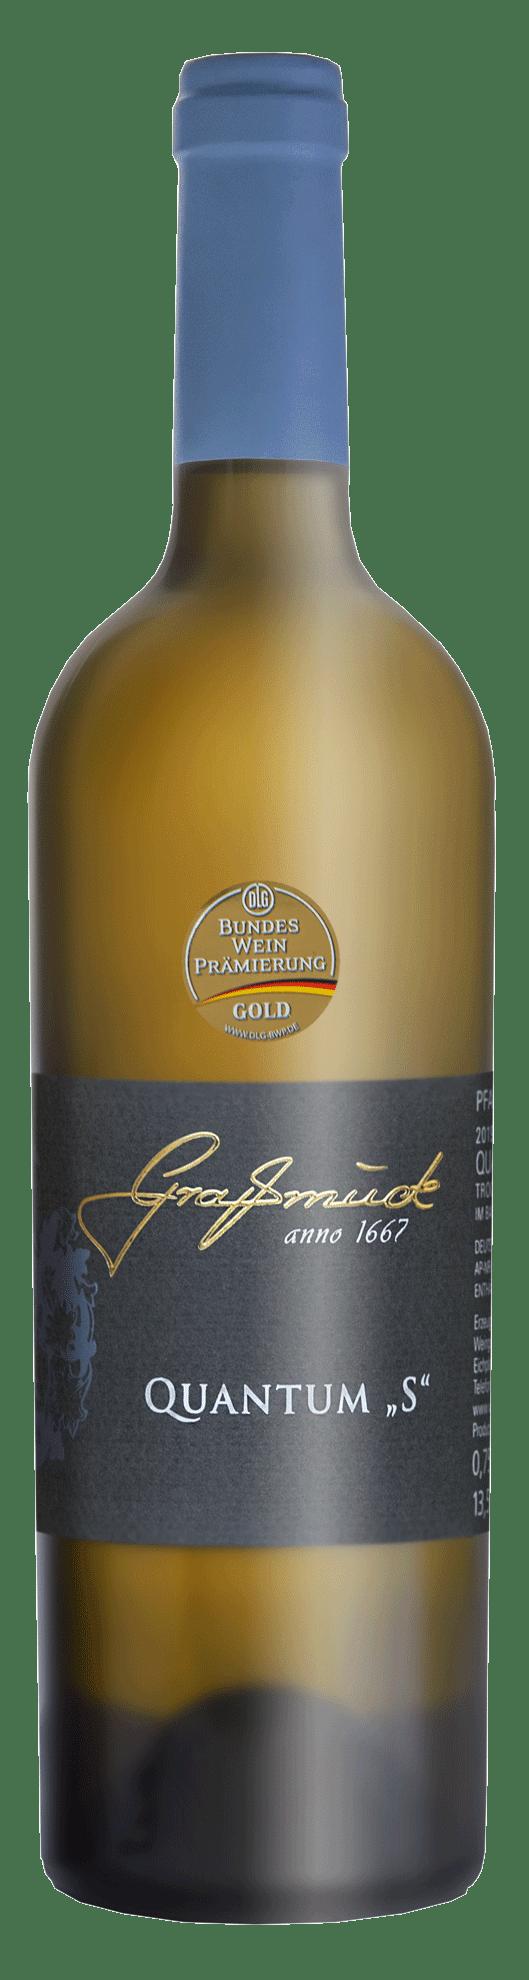 Weingut Ludwig Graßmück, Simon Graßmück, Quantum-S mit Auszeichnung